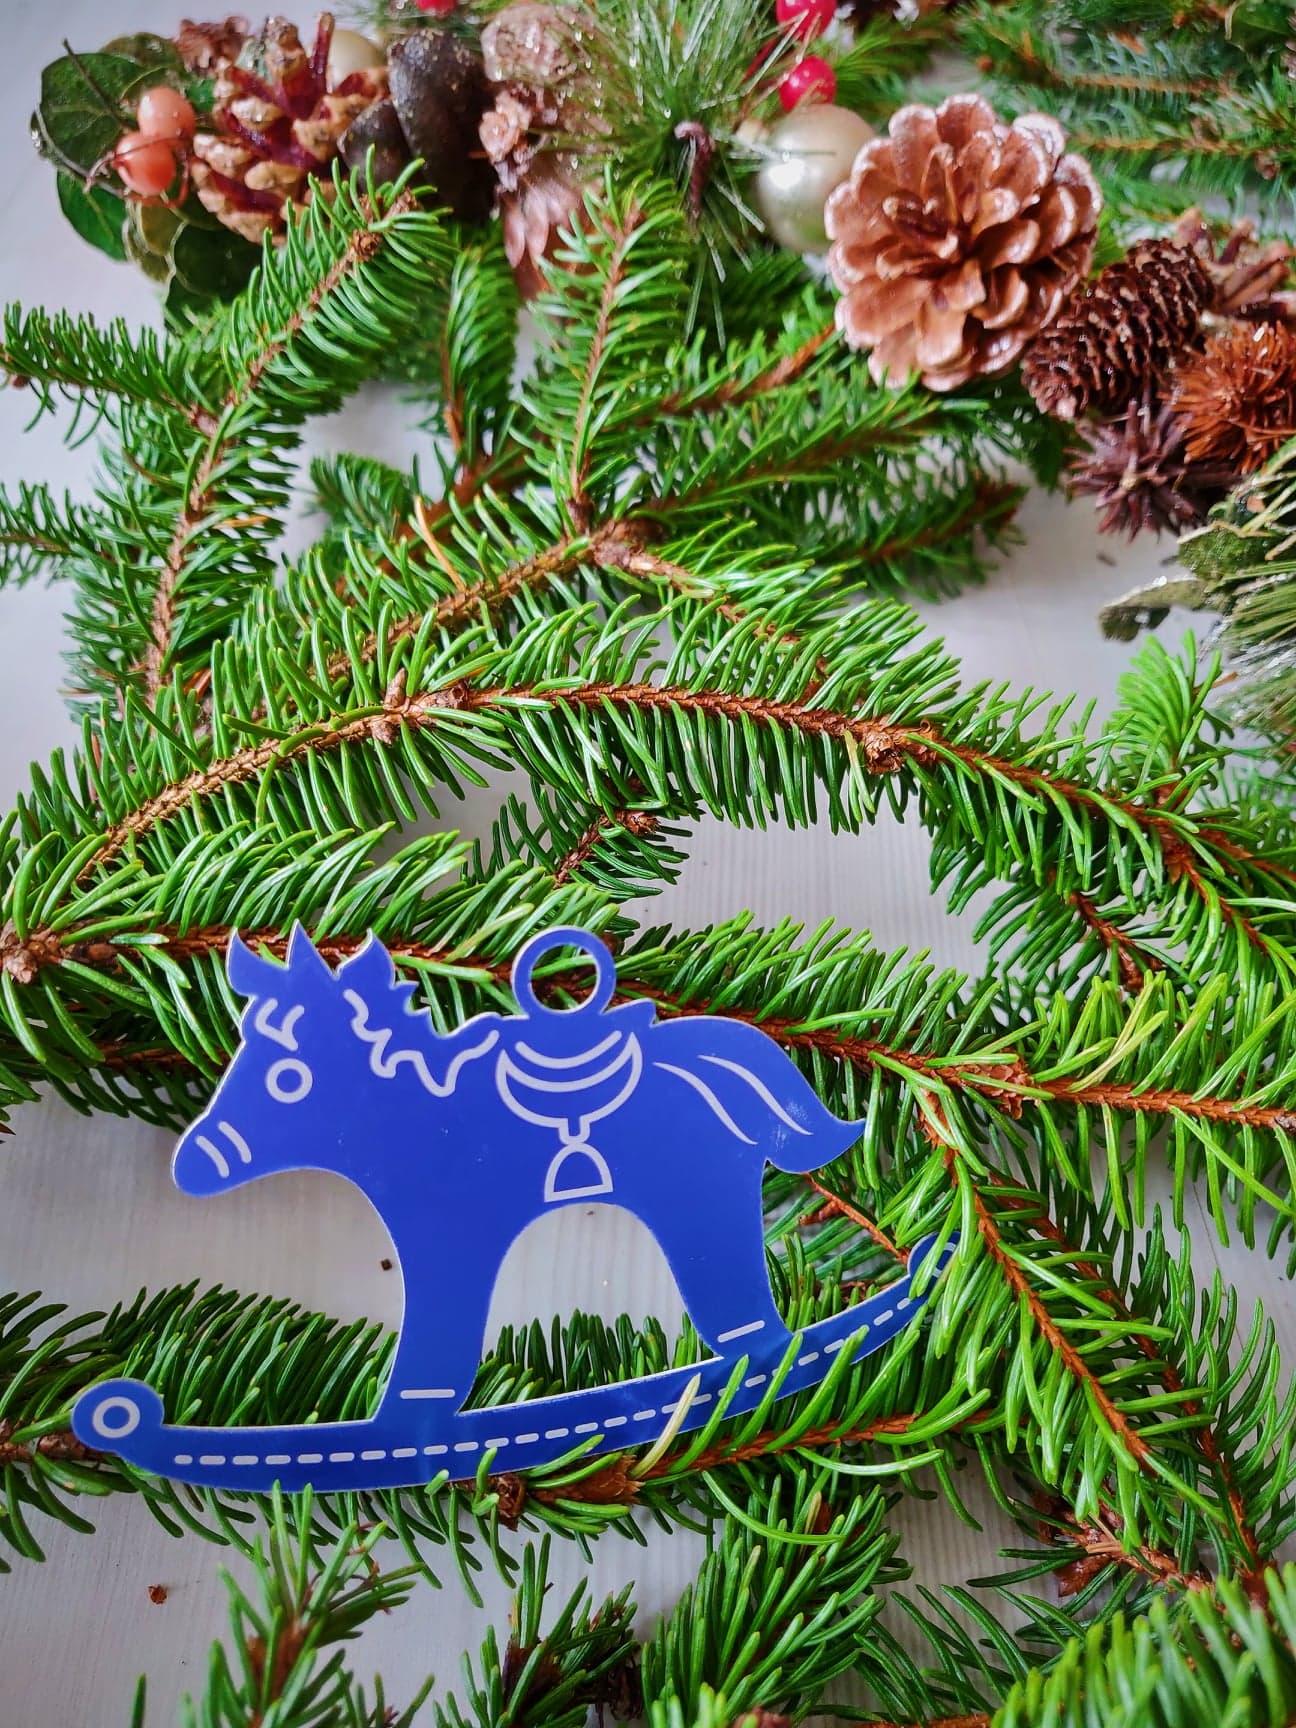 Décoration K015-OR02 Kssiope cheval à bascule bleu